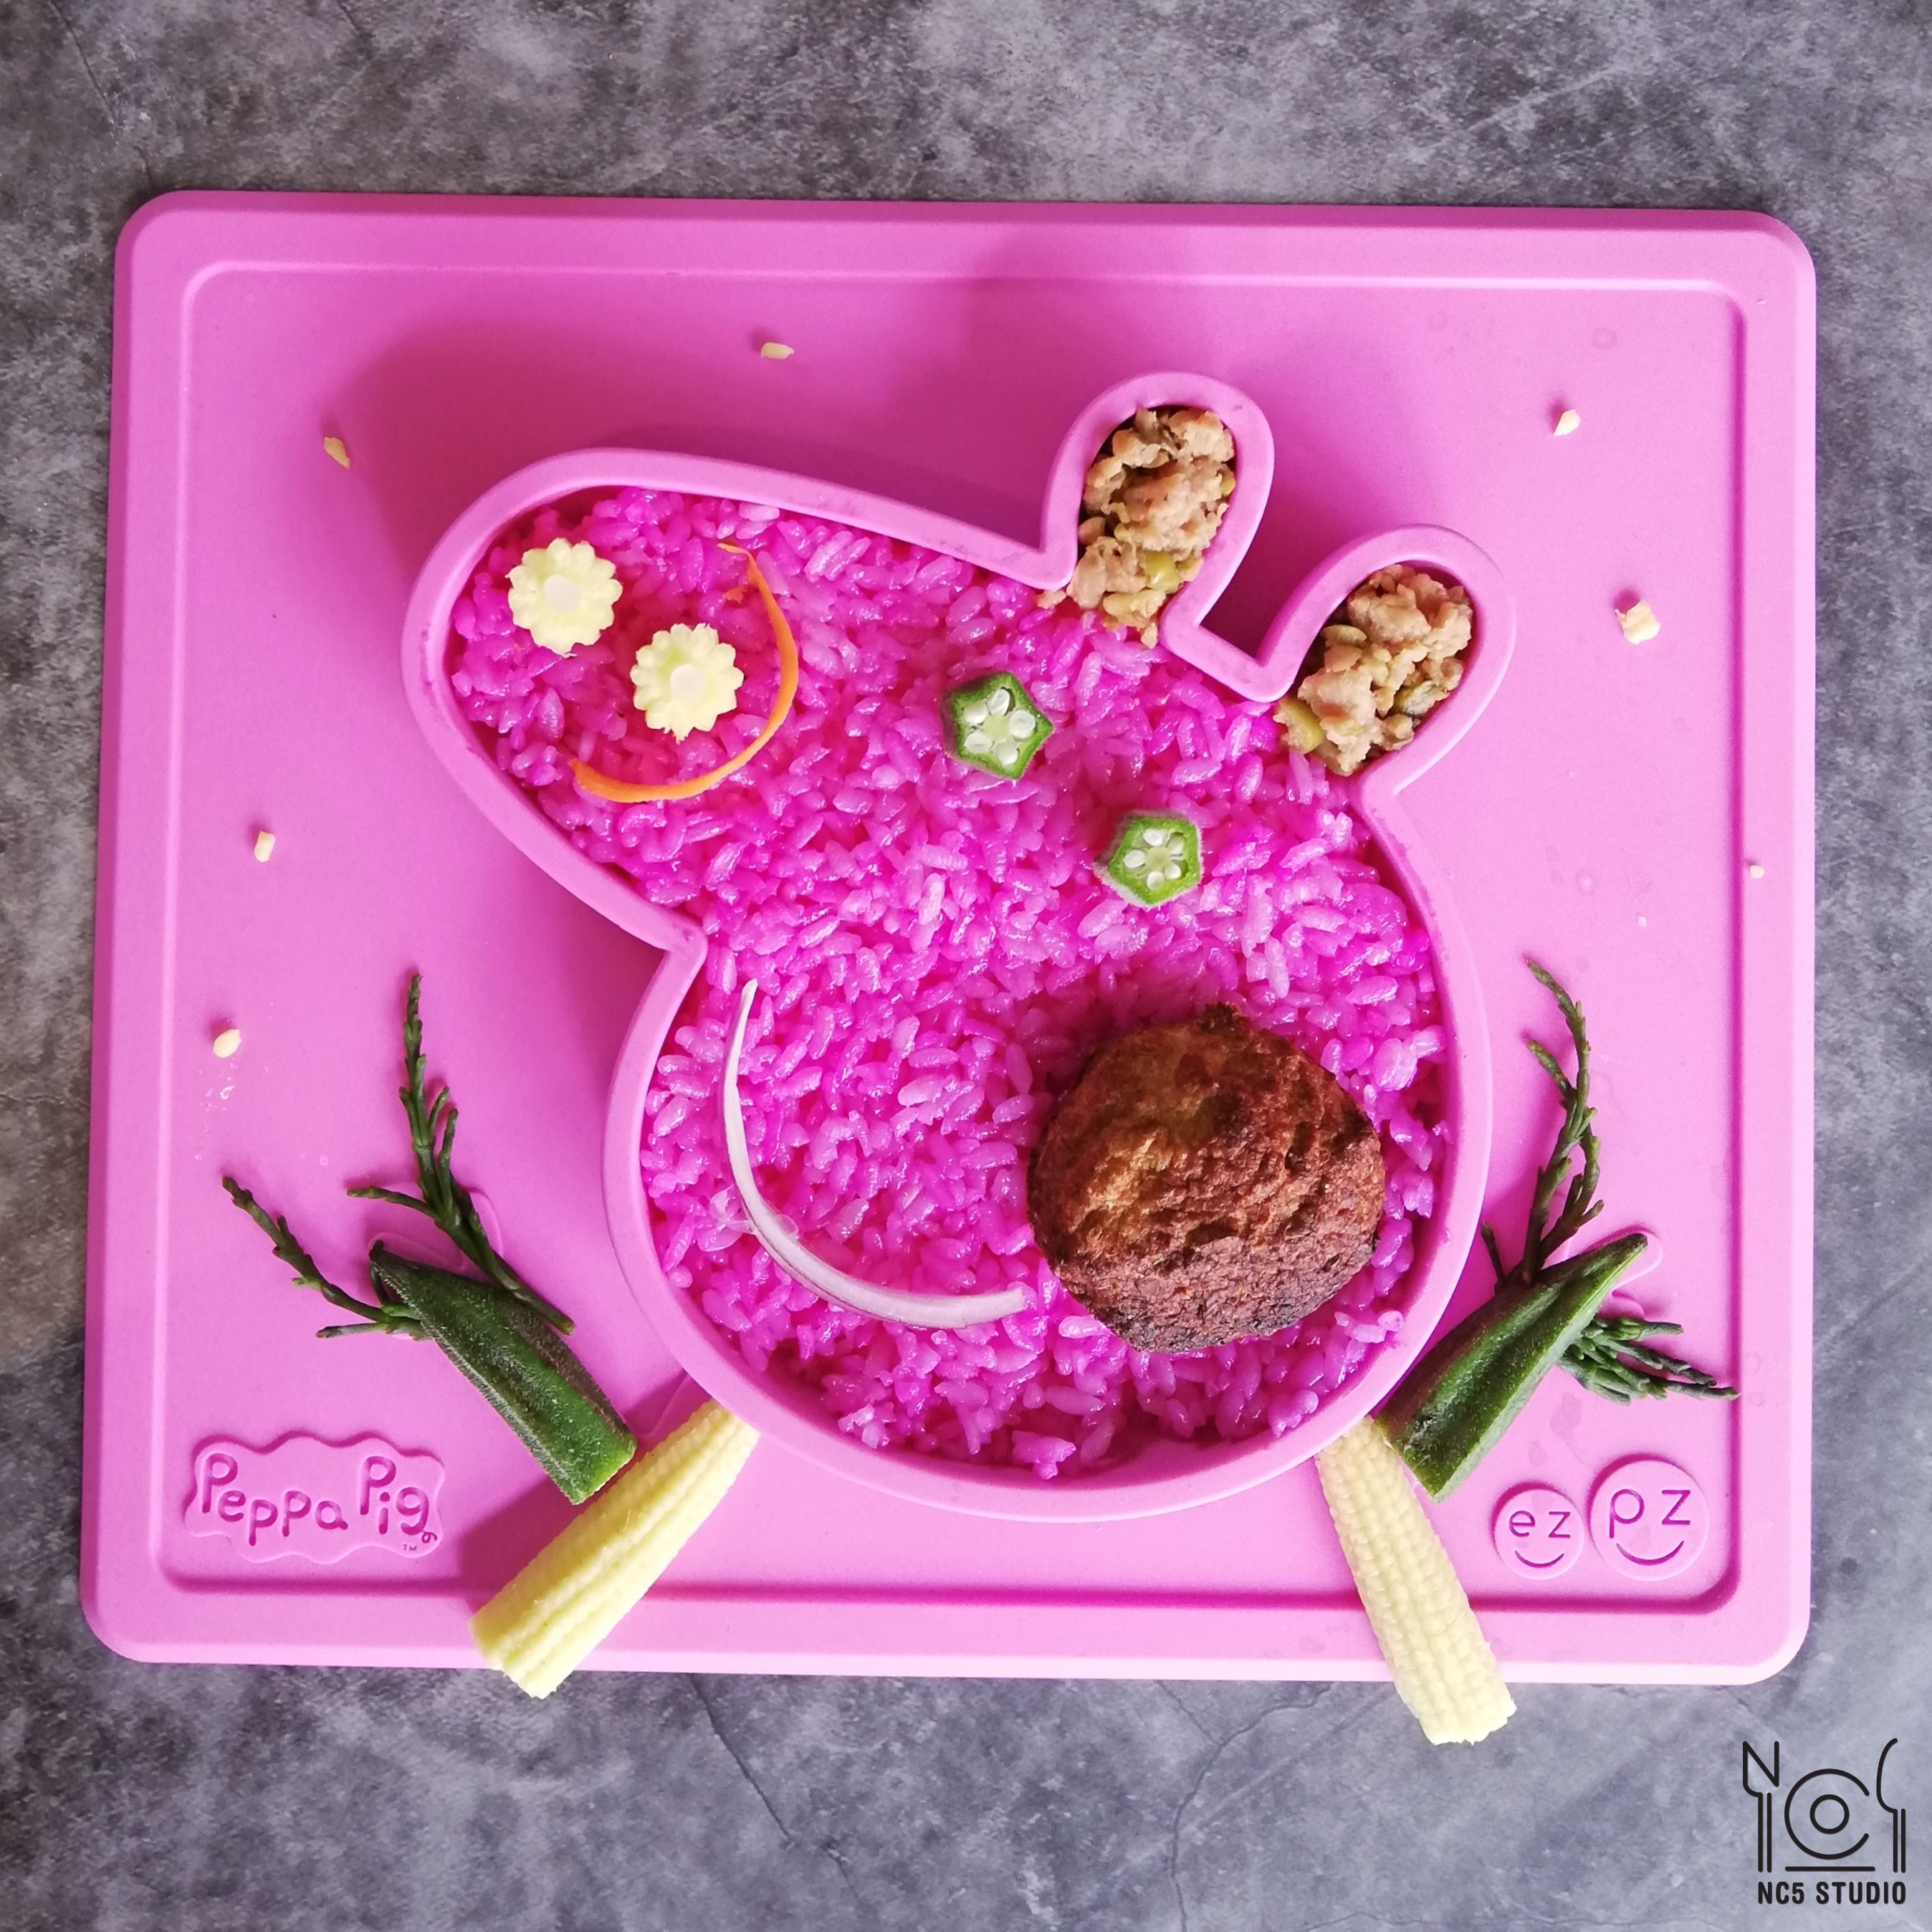 創意兒童餐 <蔬食> 佩佩豬兒童餐